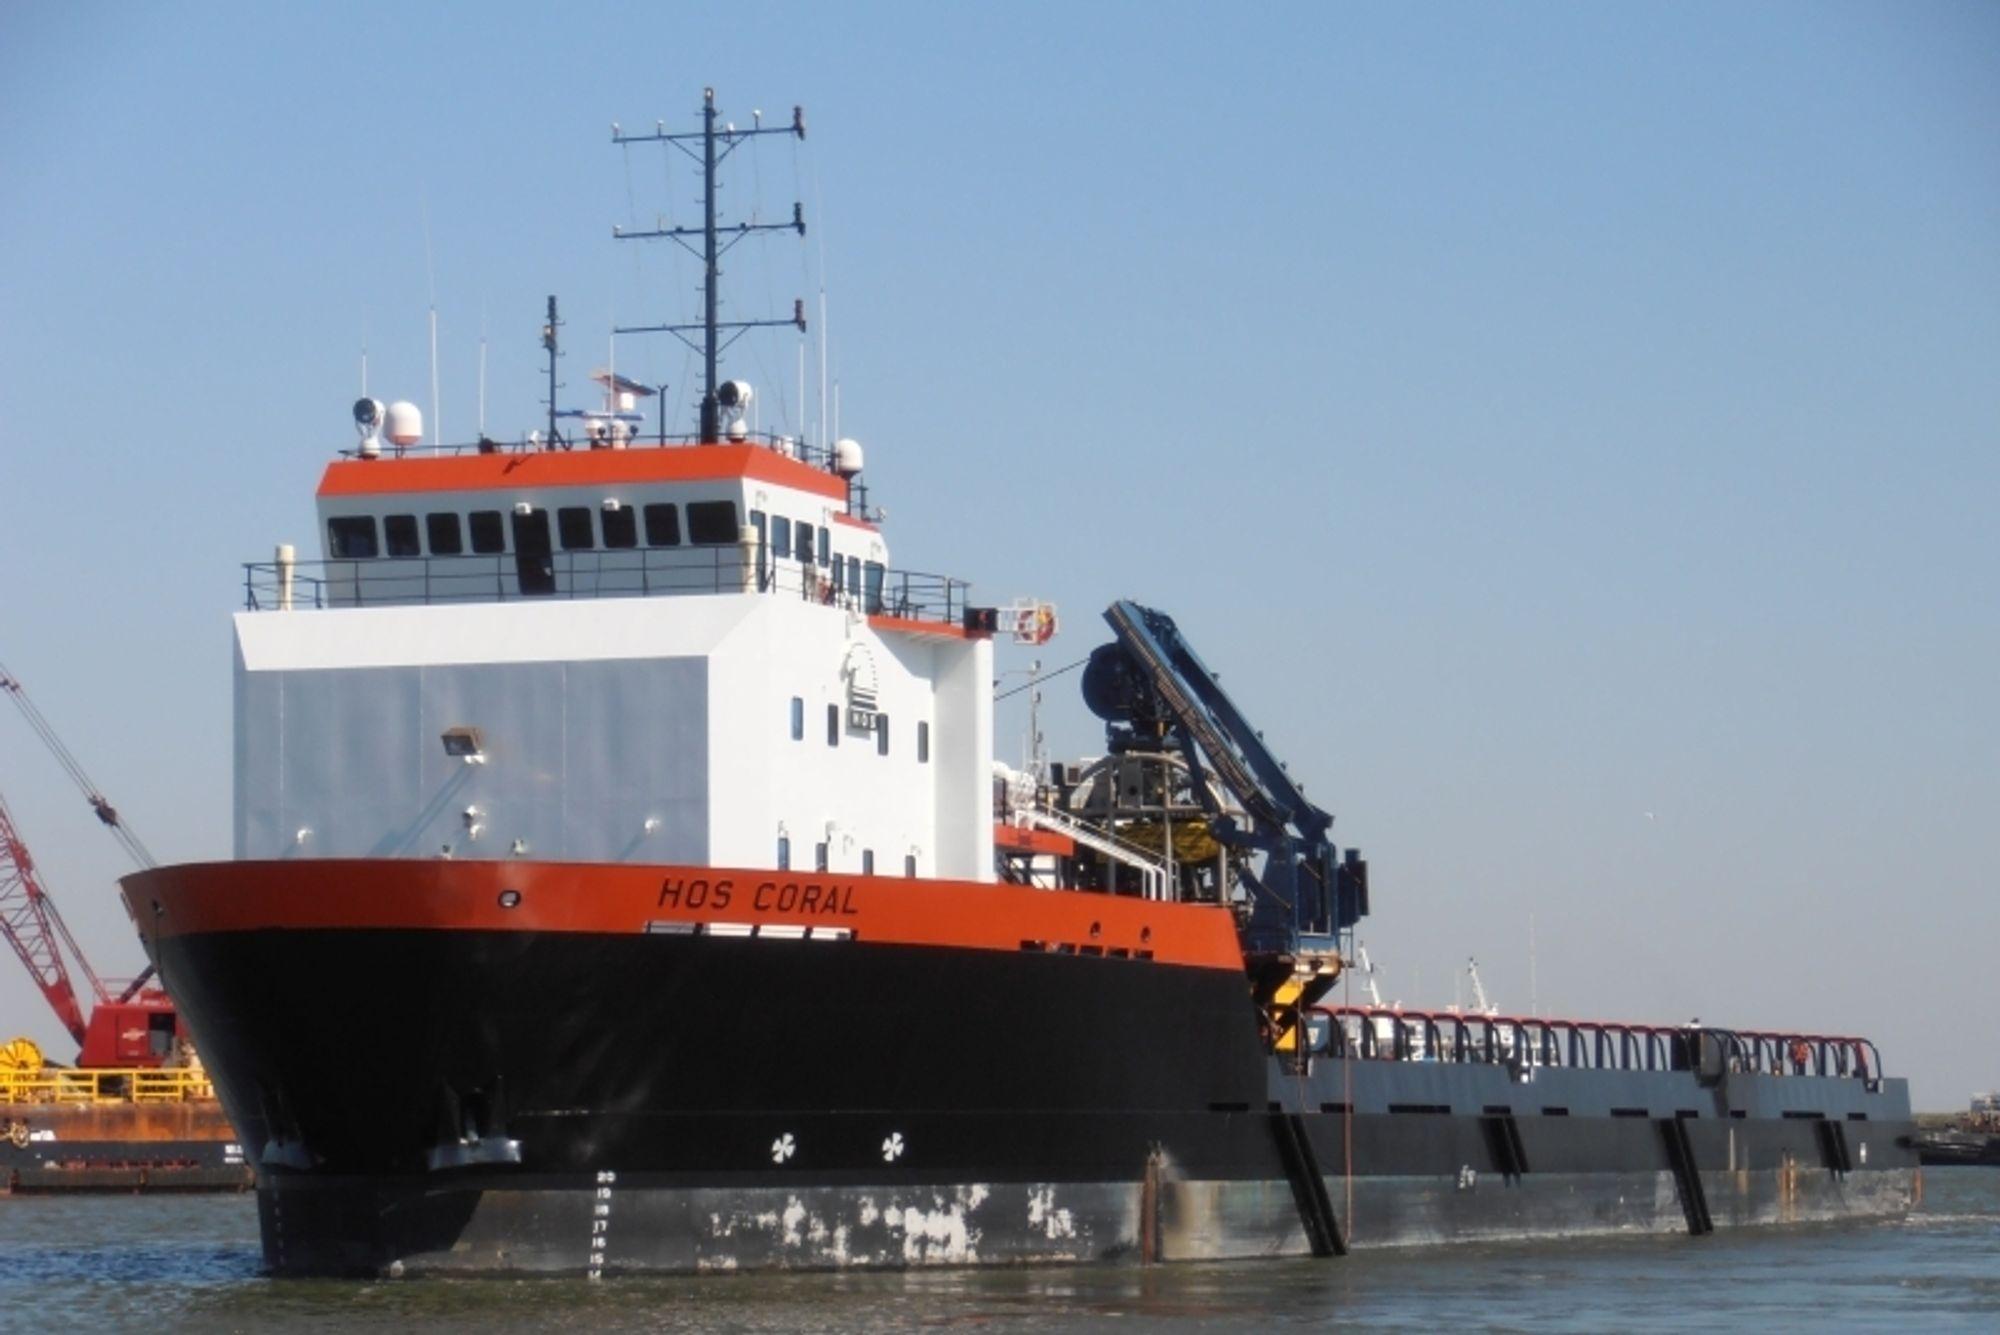 STØRRE: Super 320-designet til VT Halter Marine bygger på dette skipet, HOS Coral, utviklet for hornbeck Offshore Services. Super 320 blir en del større og har blant annet  1100 m2 dekksareal.